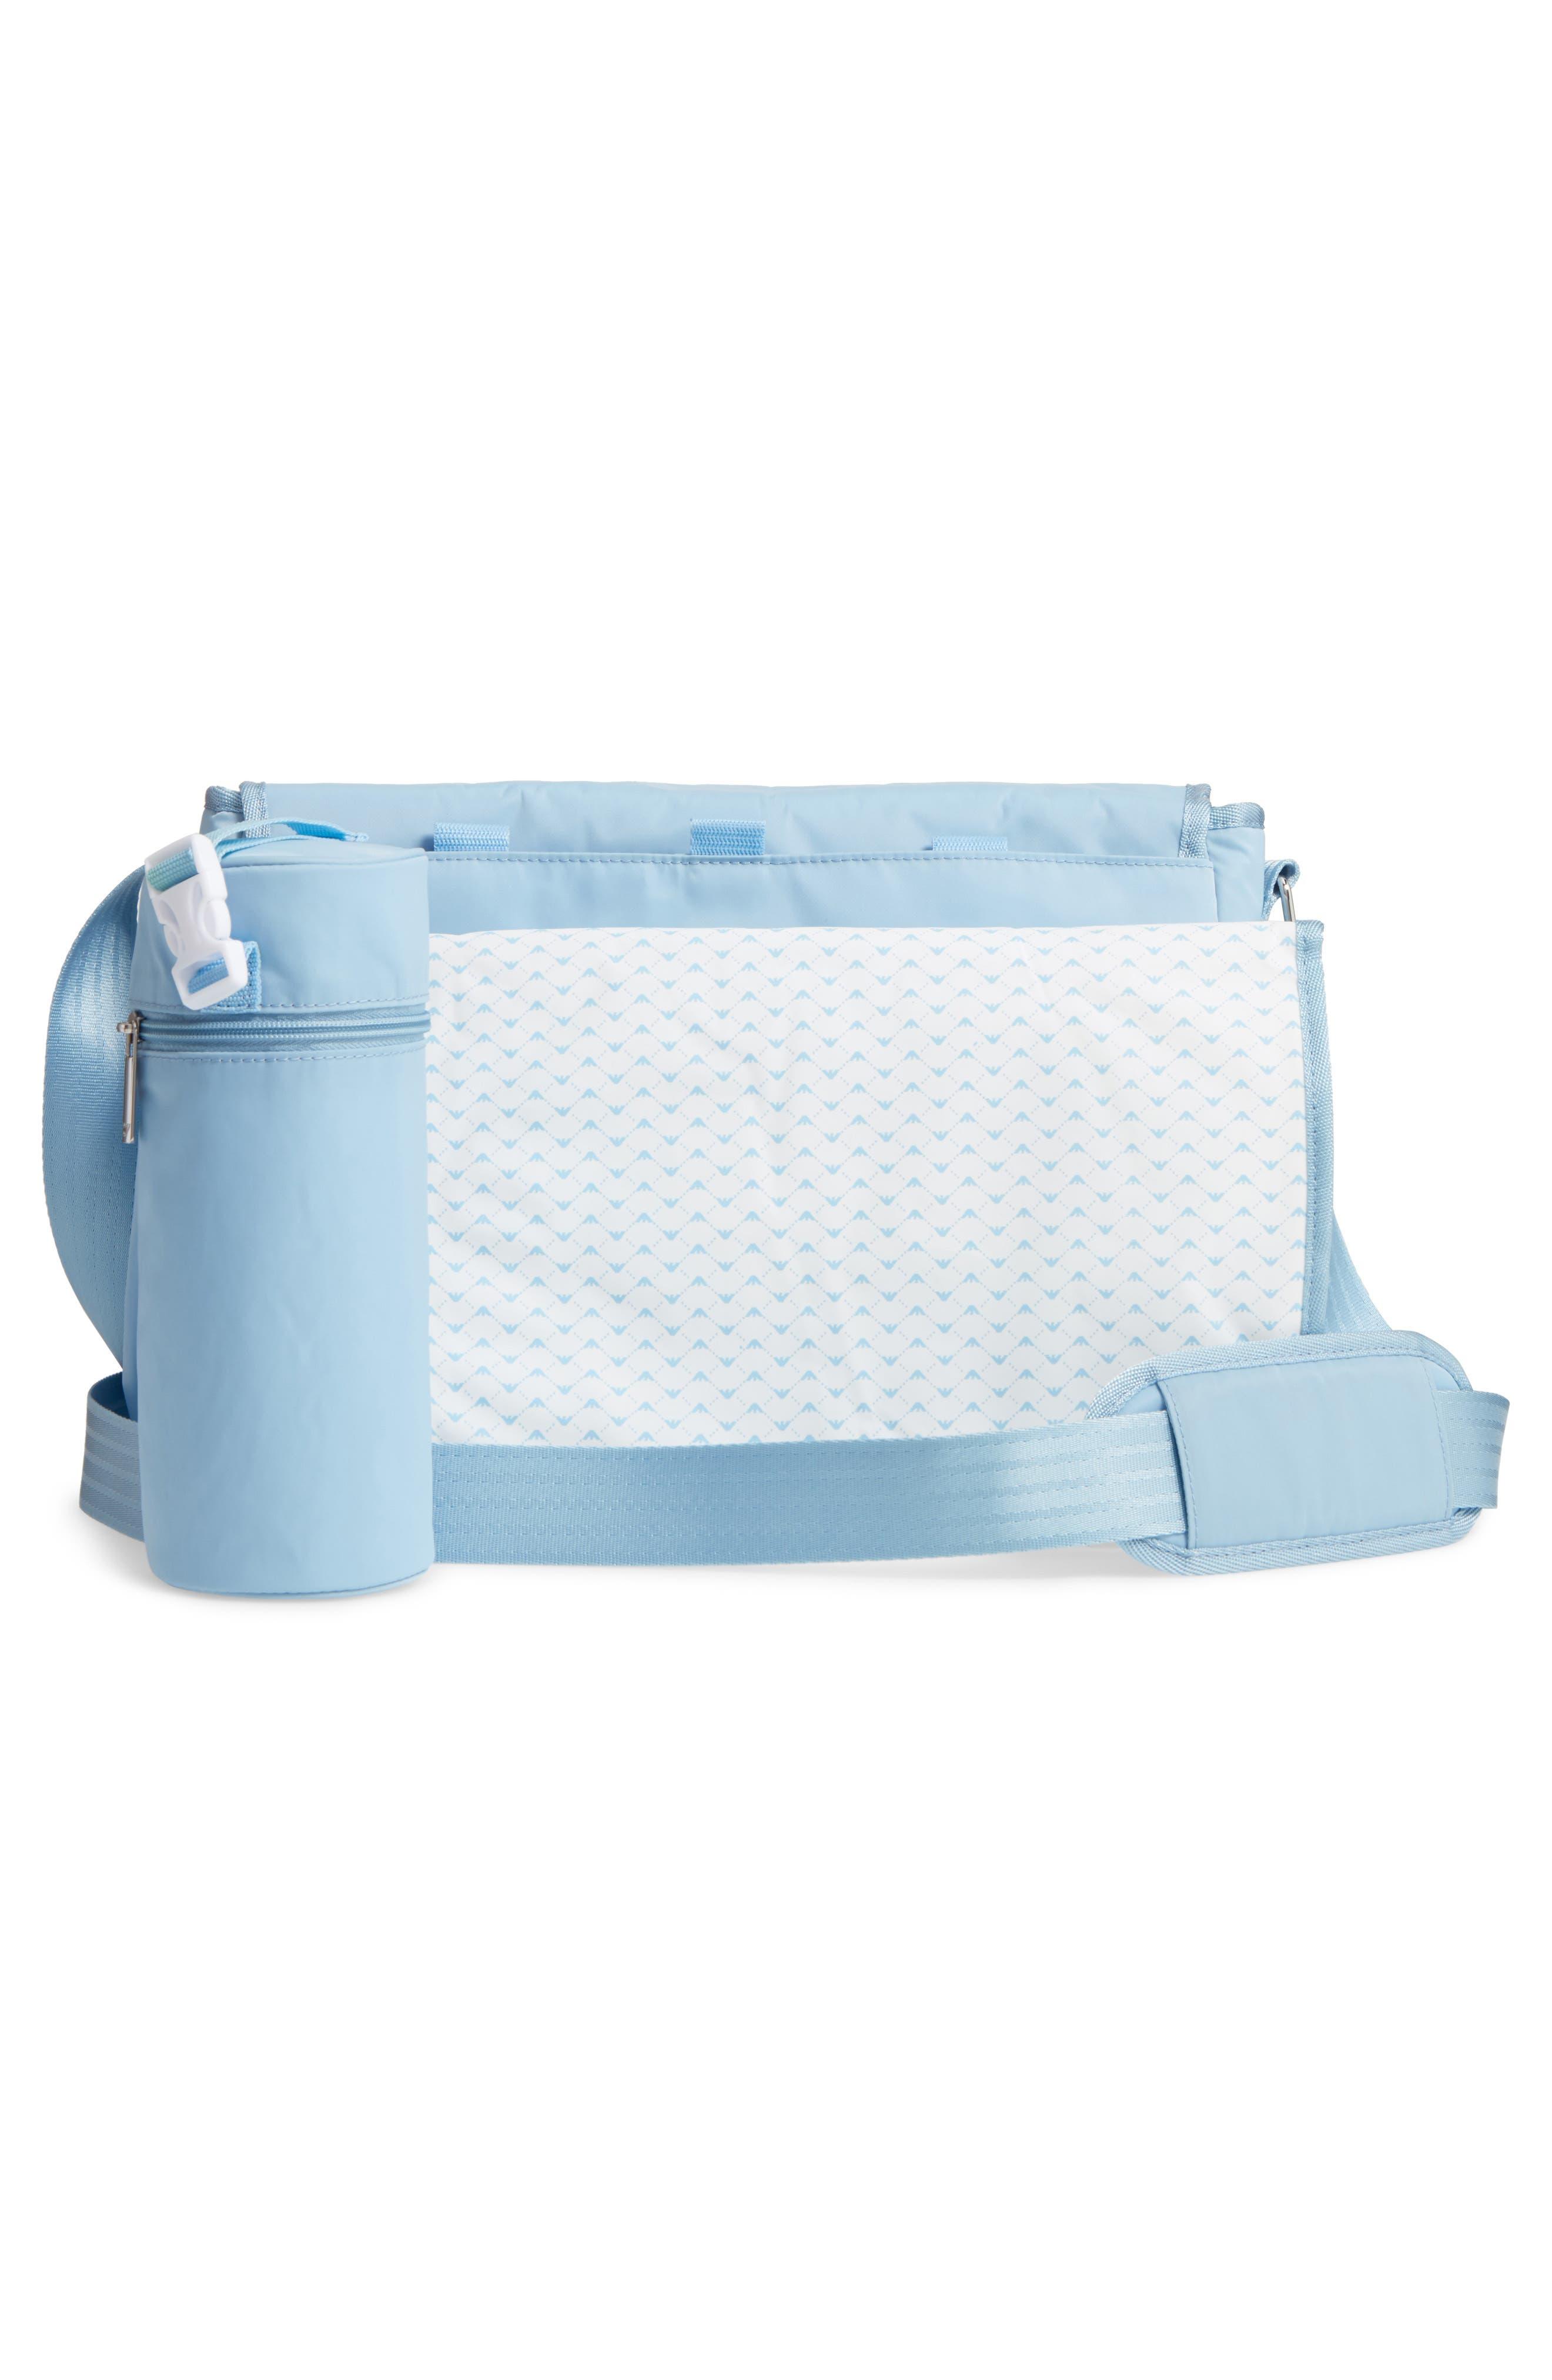 Nylon Messenger Diaper Bag,                             Alternate thumbnail 3, color,                             Light Blue